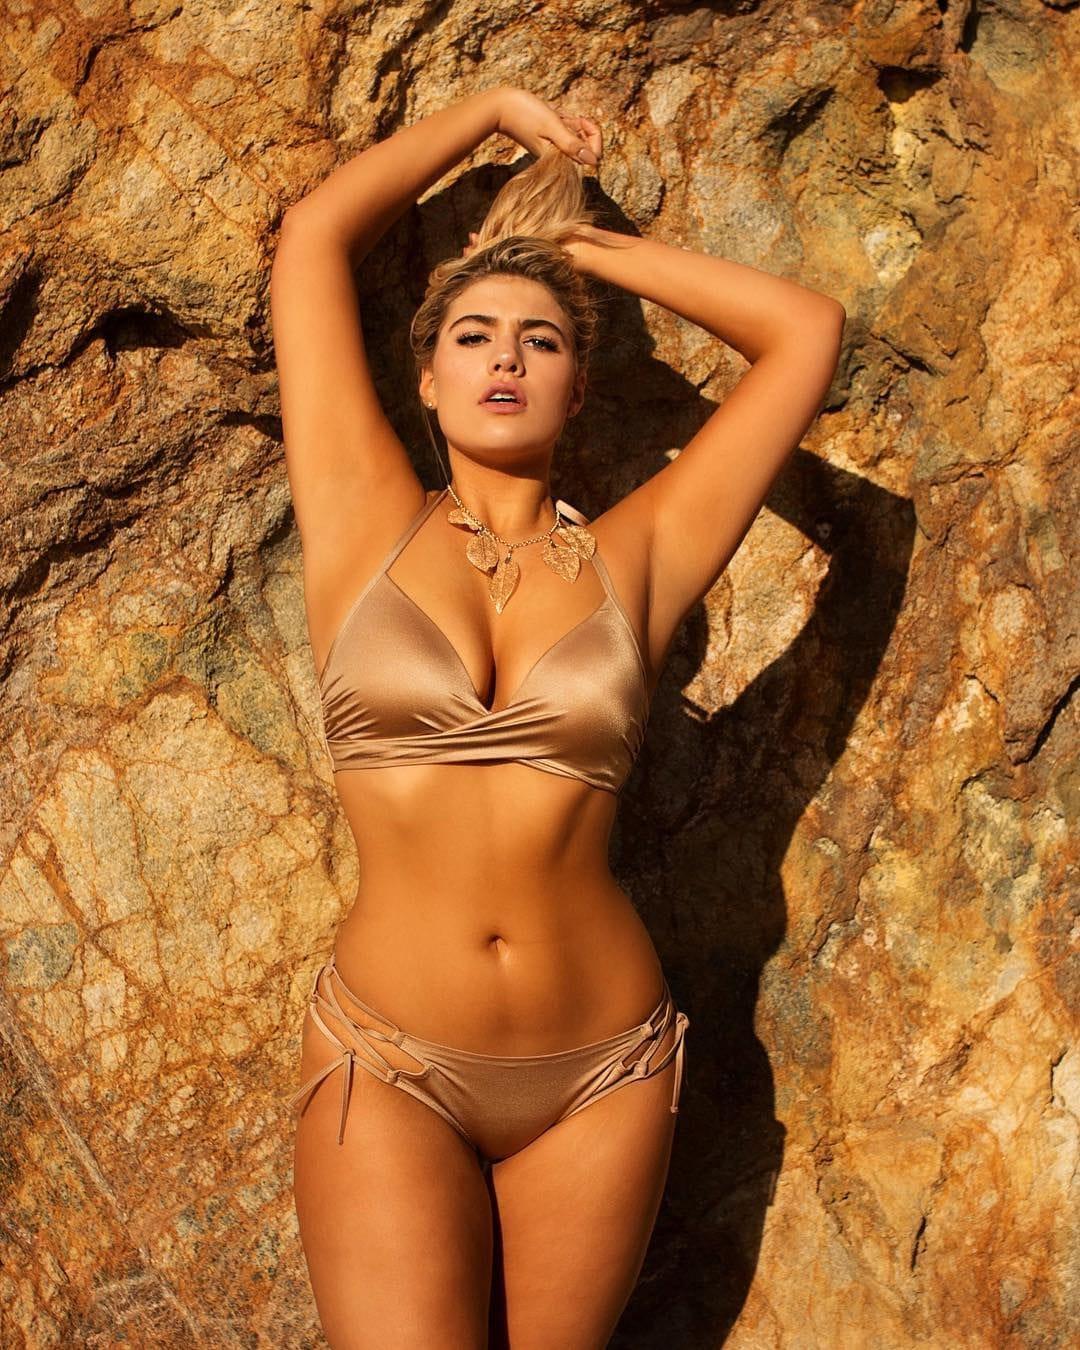 panties Bikini Meredith VanCuyk naked photo 2017